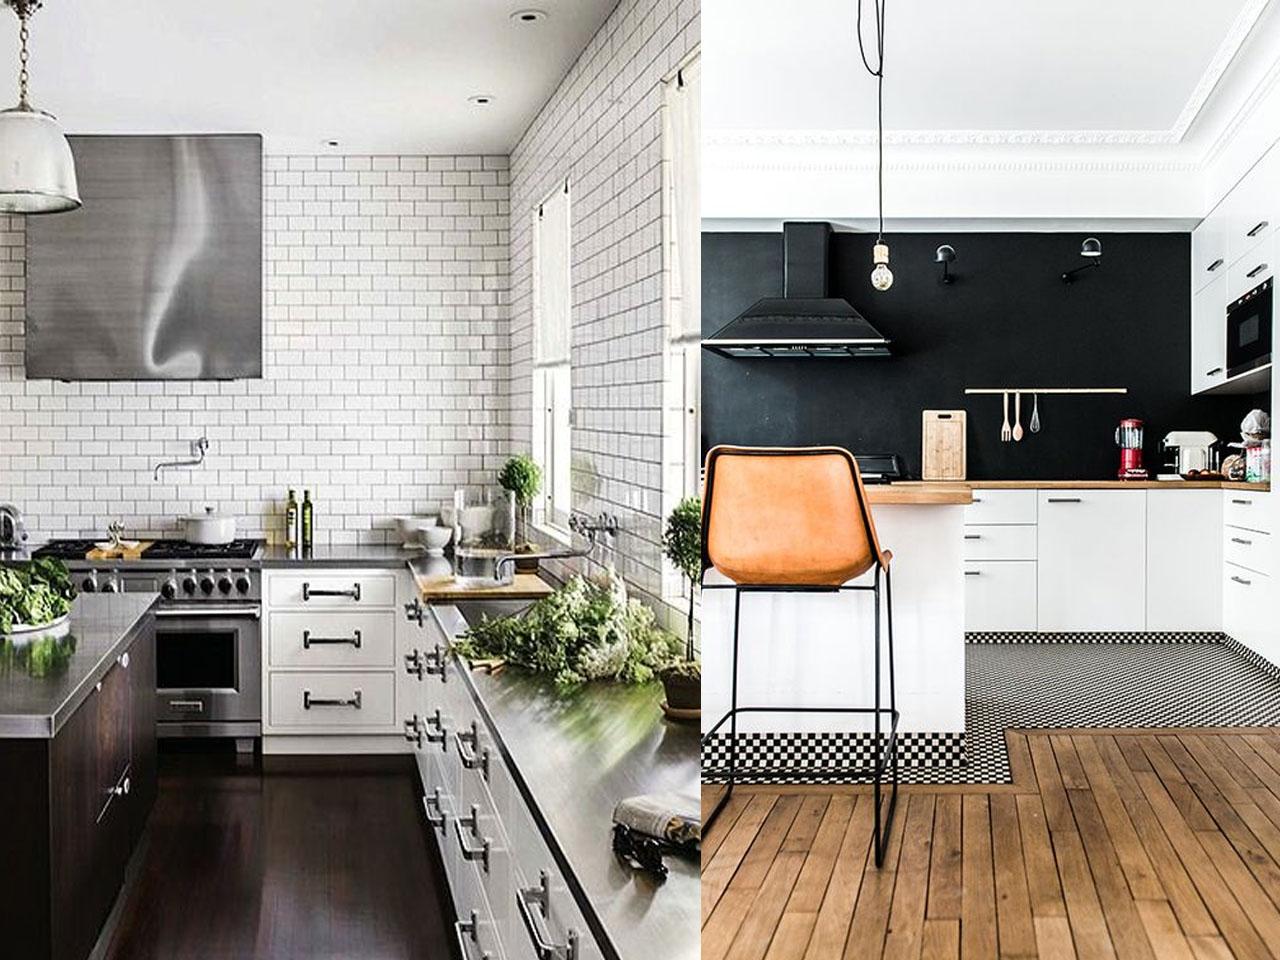 Tendencias en cocinas 2016 2017 el centro de tu hogar - Cocinas blancas y negras ...